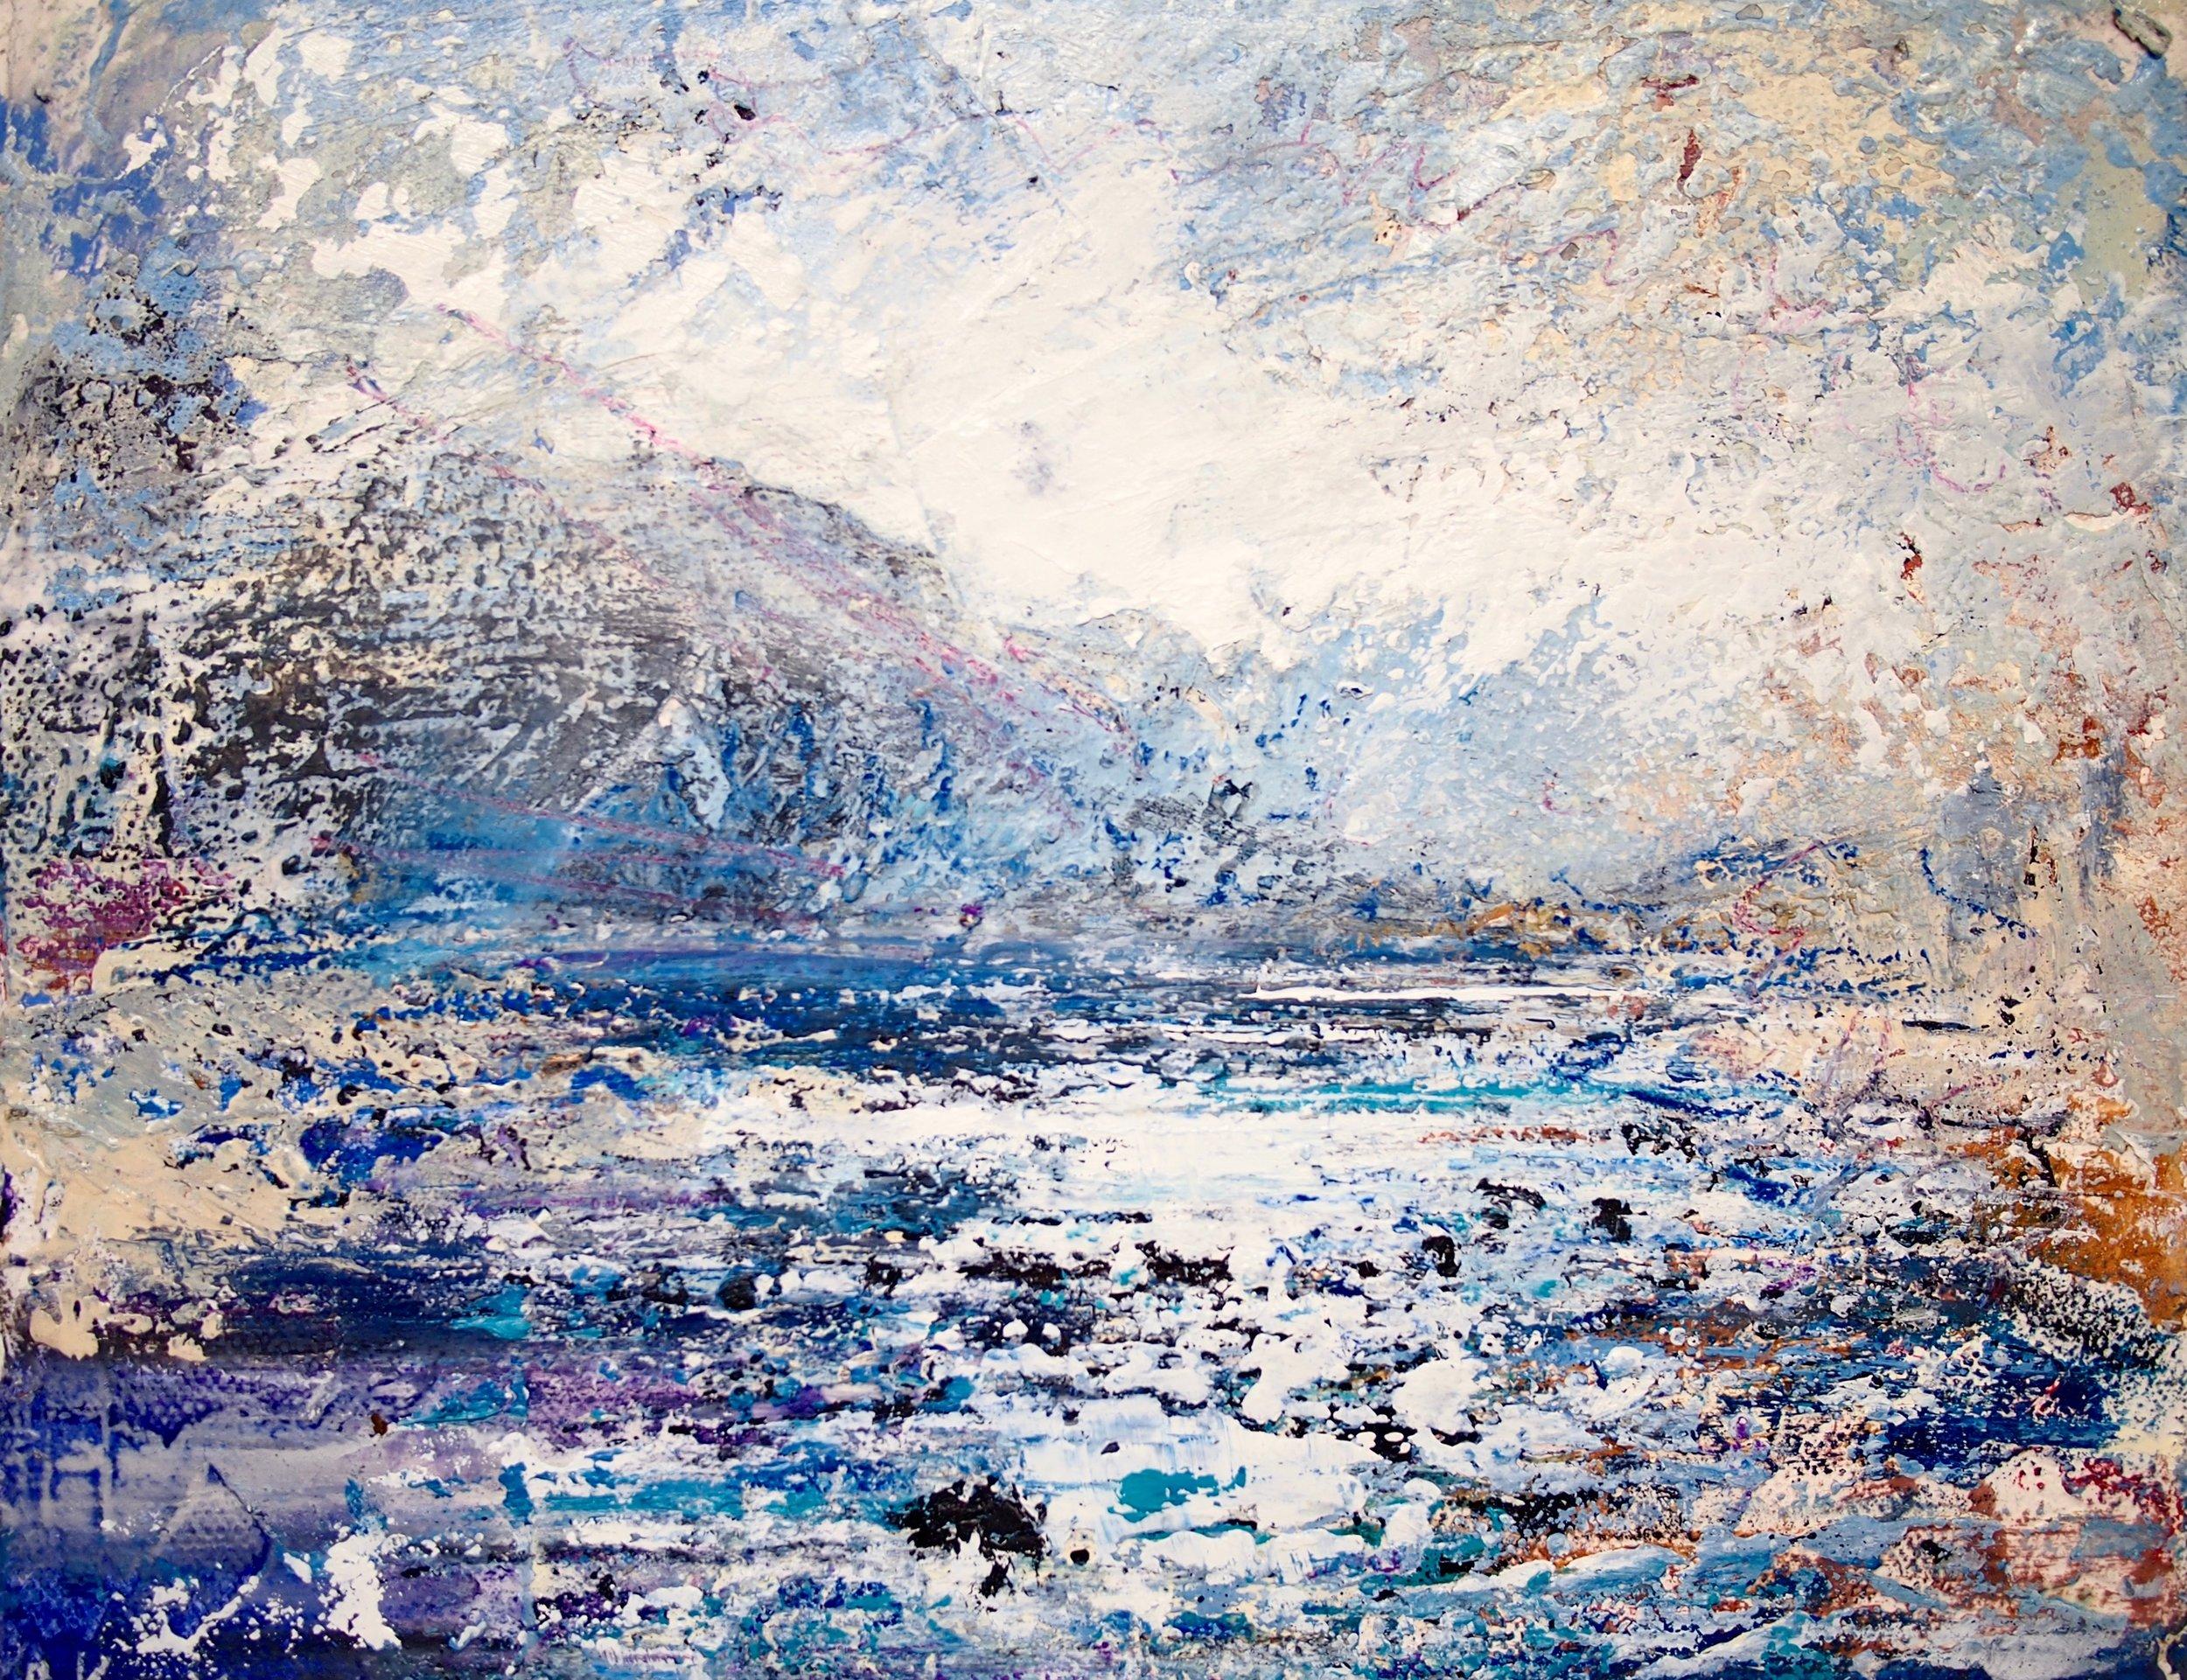 Afon Glaslyn 20 x 25 cm